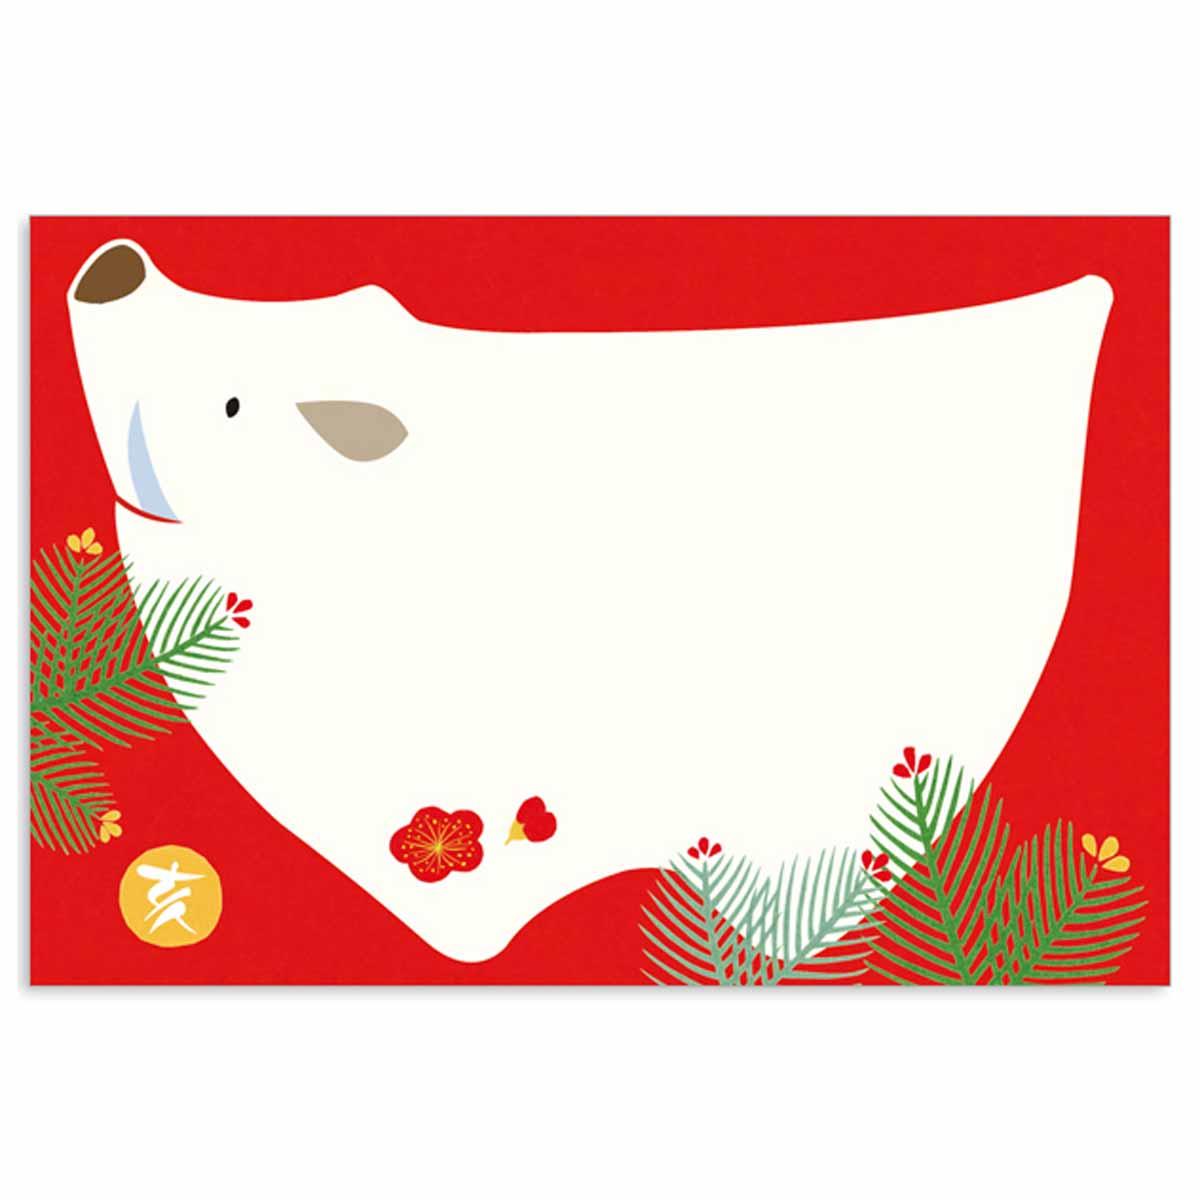 年賀はがき 猪と松赤 猪 松 インクジェット デザイン おしゃれ 大人frontia 楽天市場店